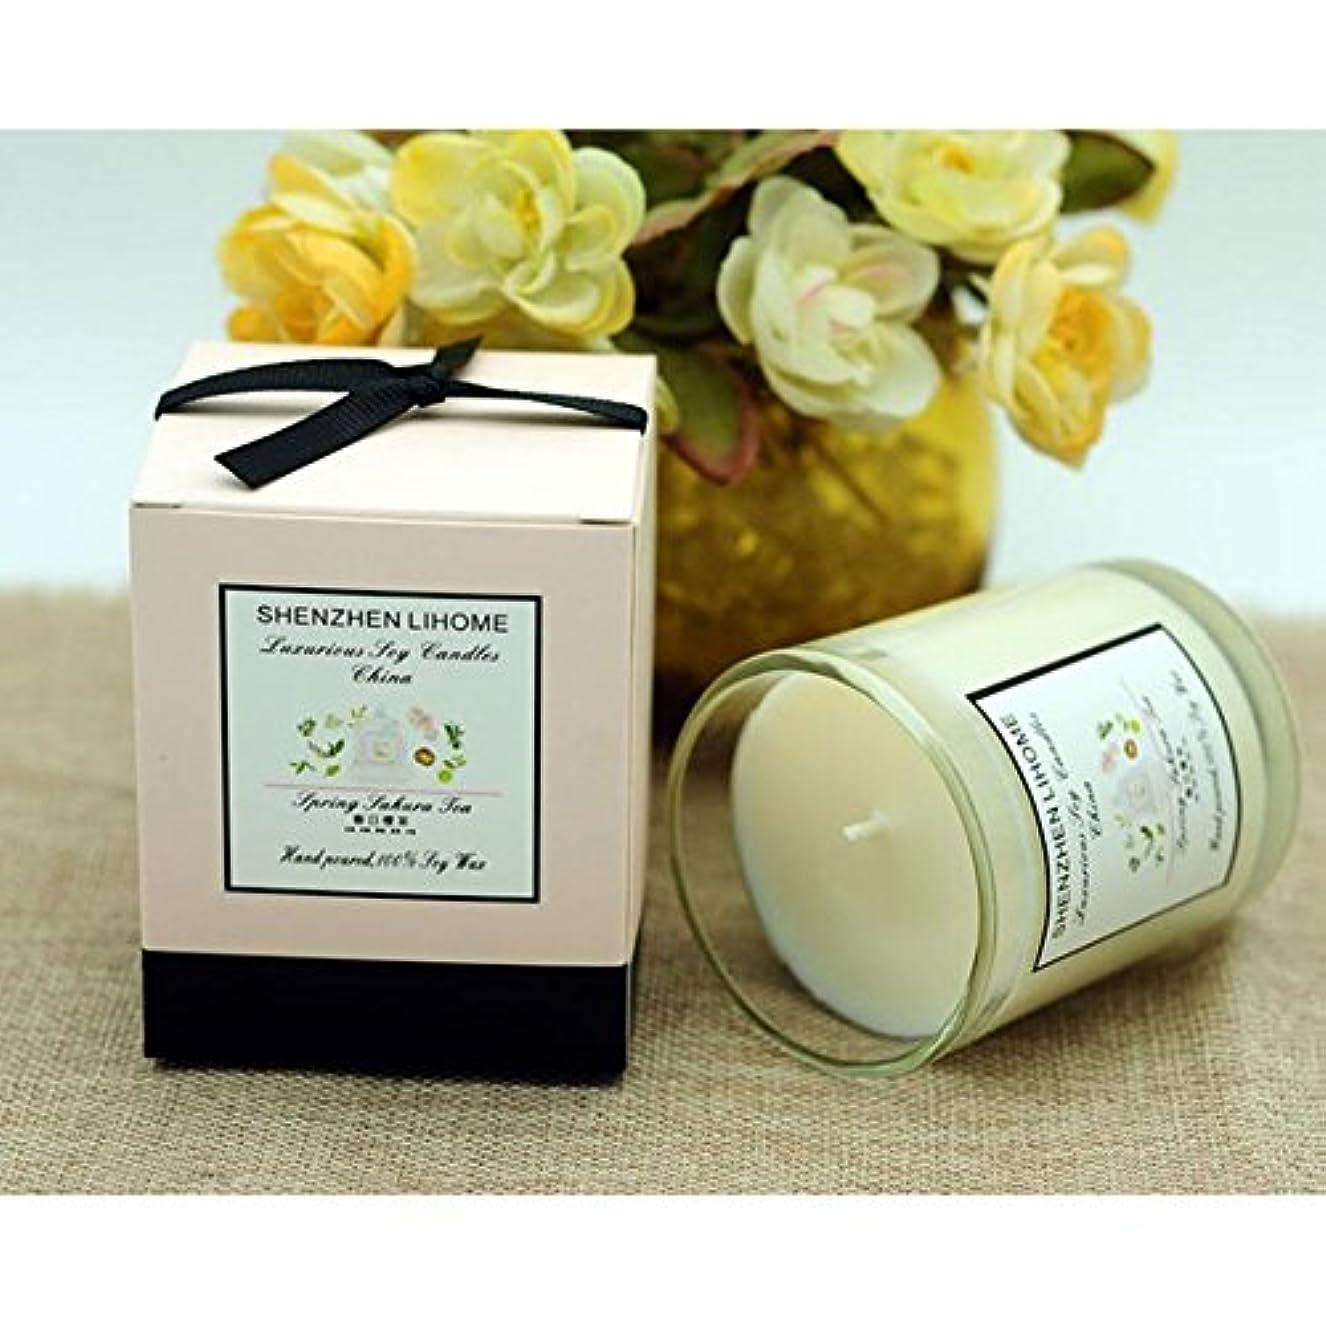 寄生虫シャベル相反するLiebeye キャンドル 大豆ワックス ロマンチックな無煙の香り 香りのティーキャンドル自然 ガラスキャンドル 春の桜の香